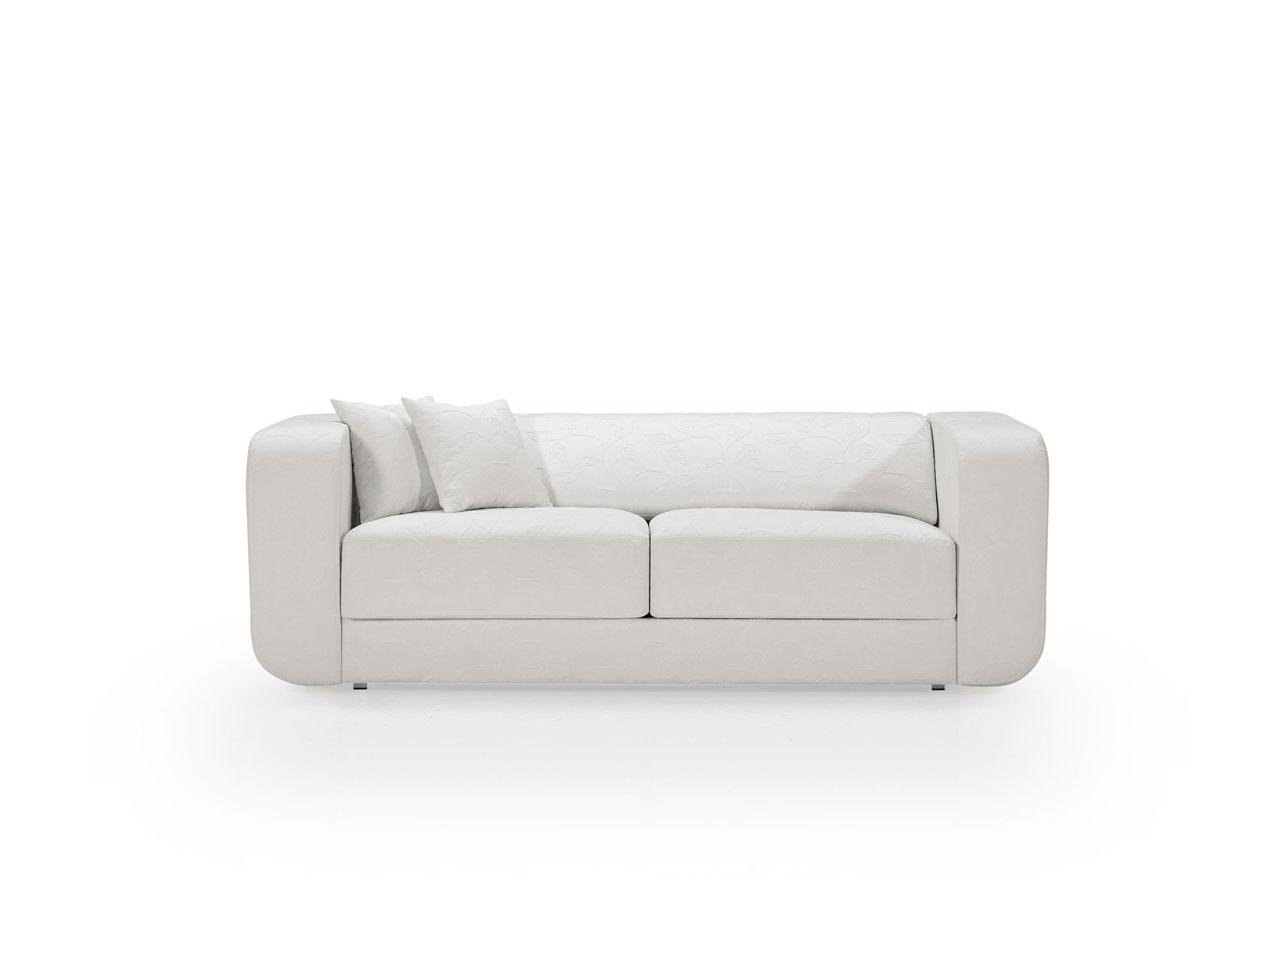 83800 69900 estos elegante sofas diseo - Sofas De Diseo